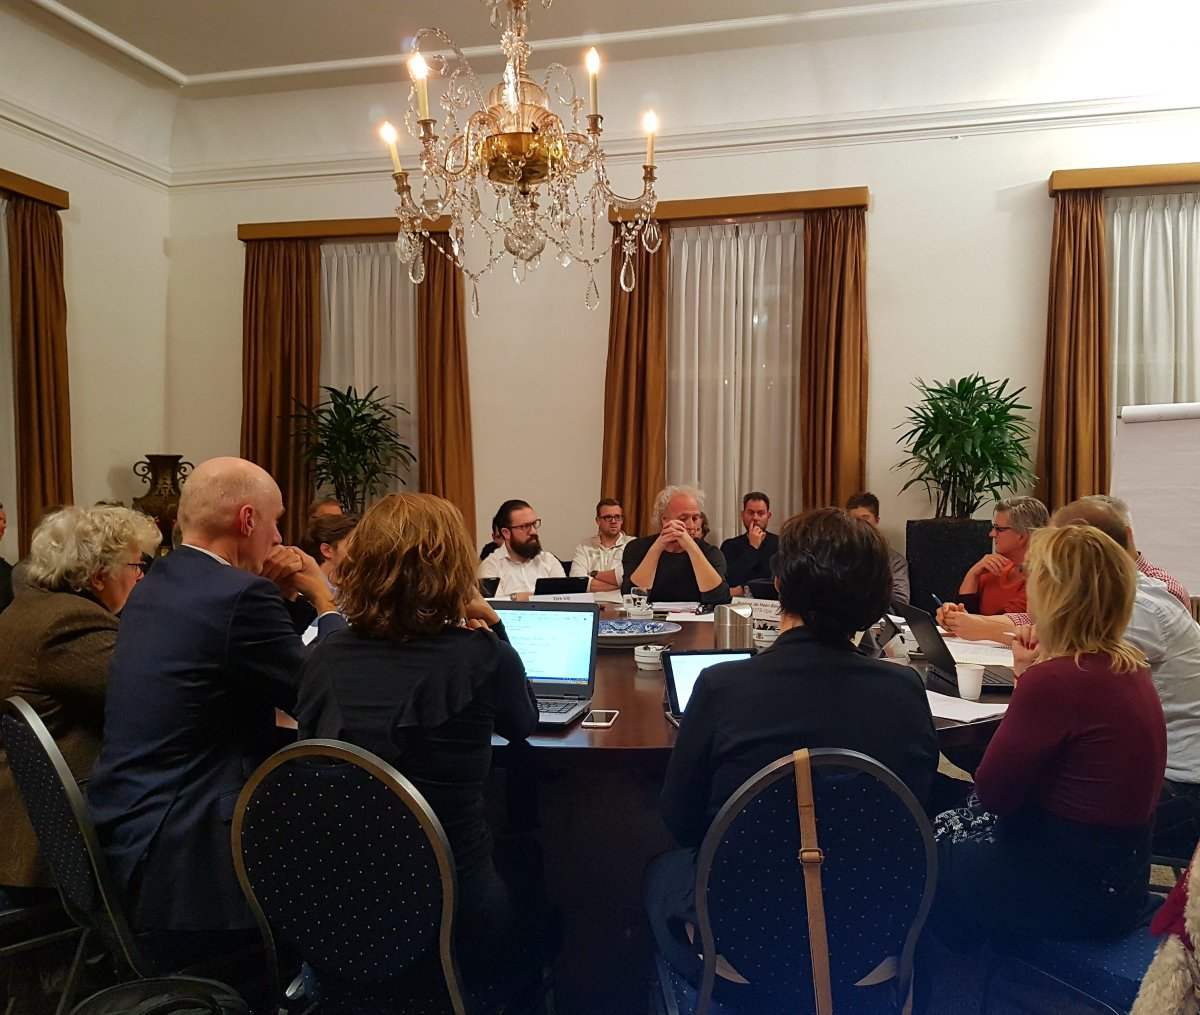 Mezz directeur Van Iersel in gesprek met de gemeenteraad